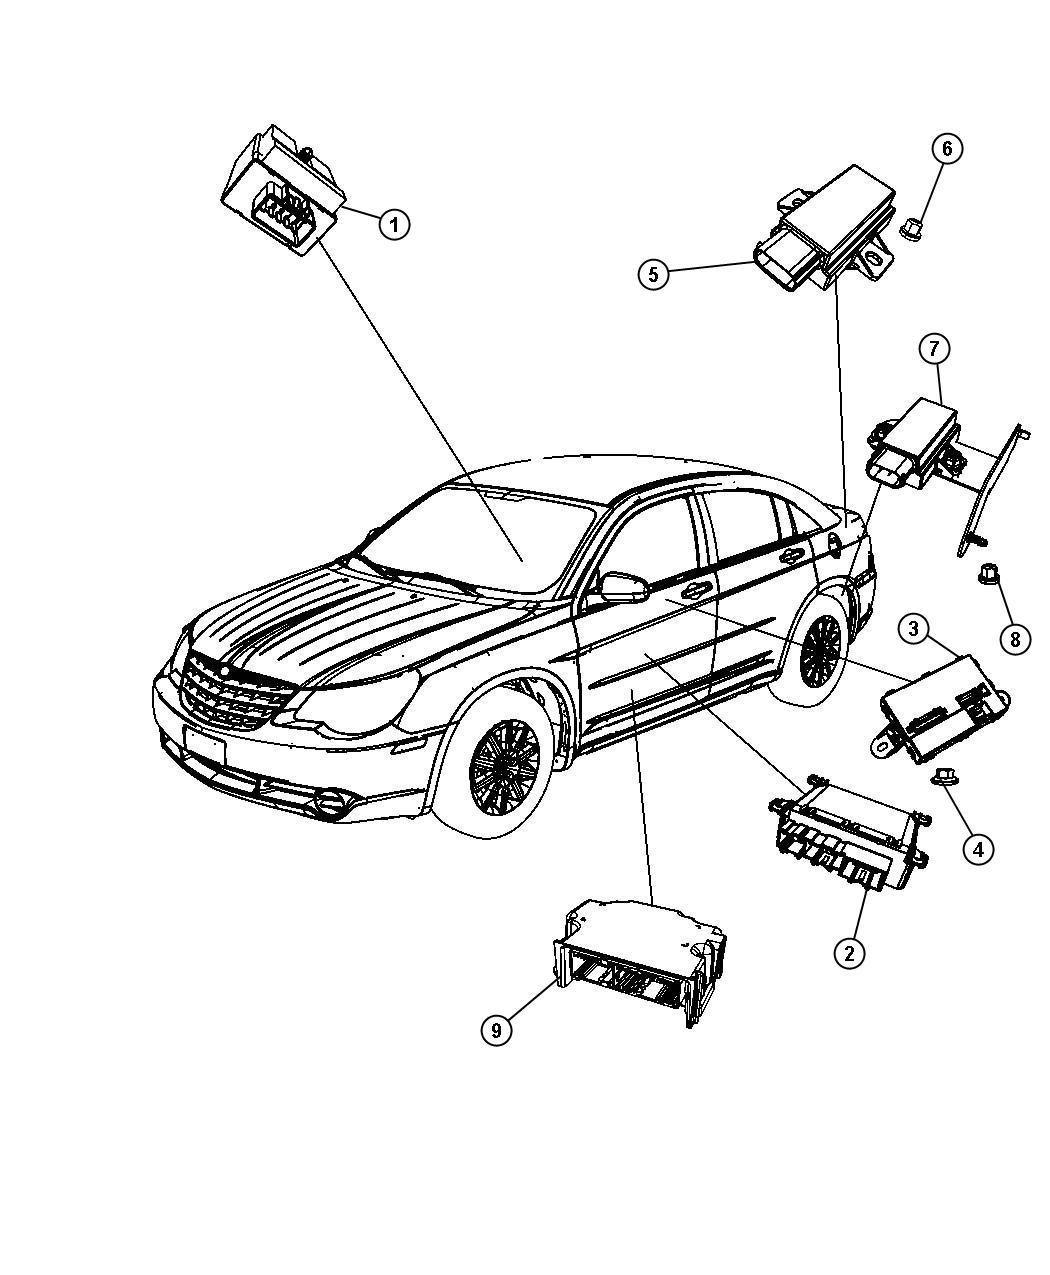 Chevy Silverado Passlock Wiring Diagram - Diagrams Catalogue